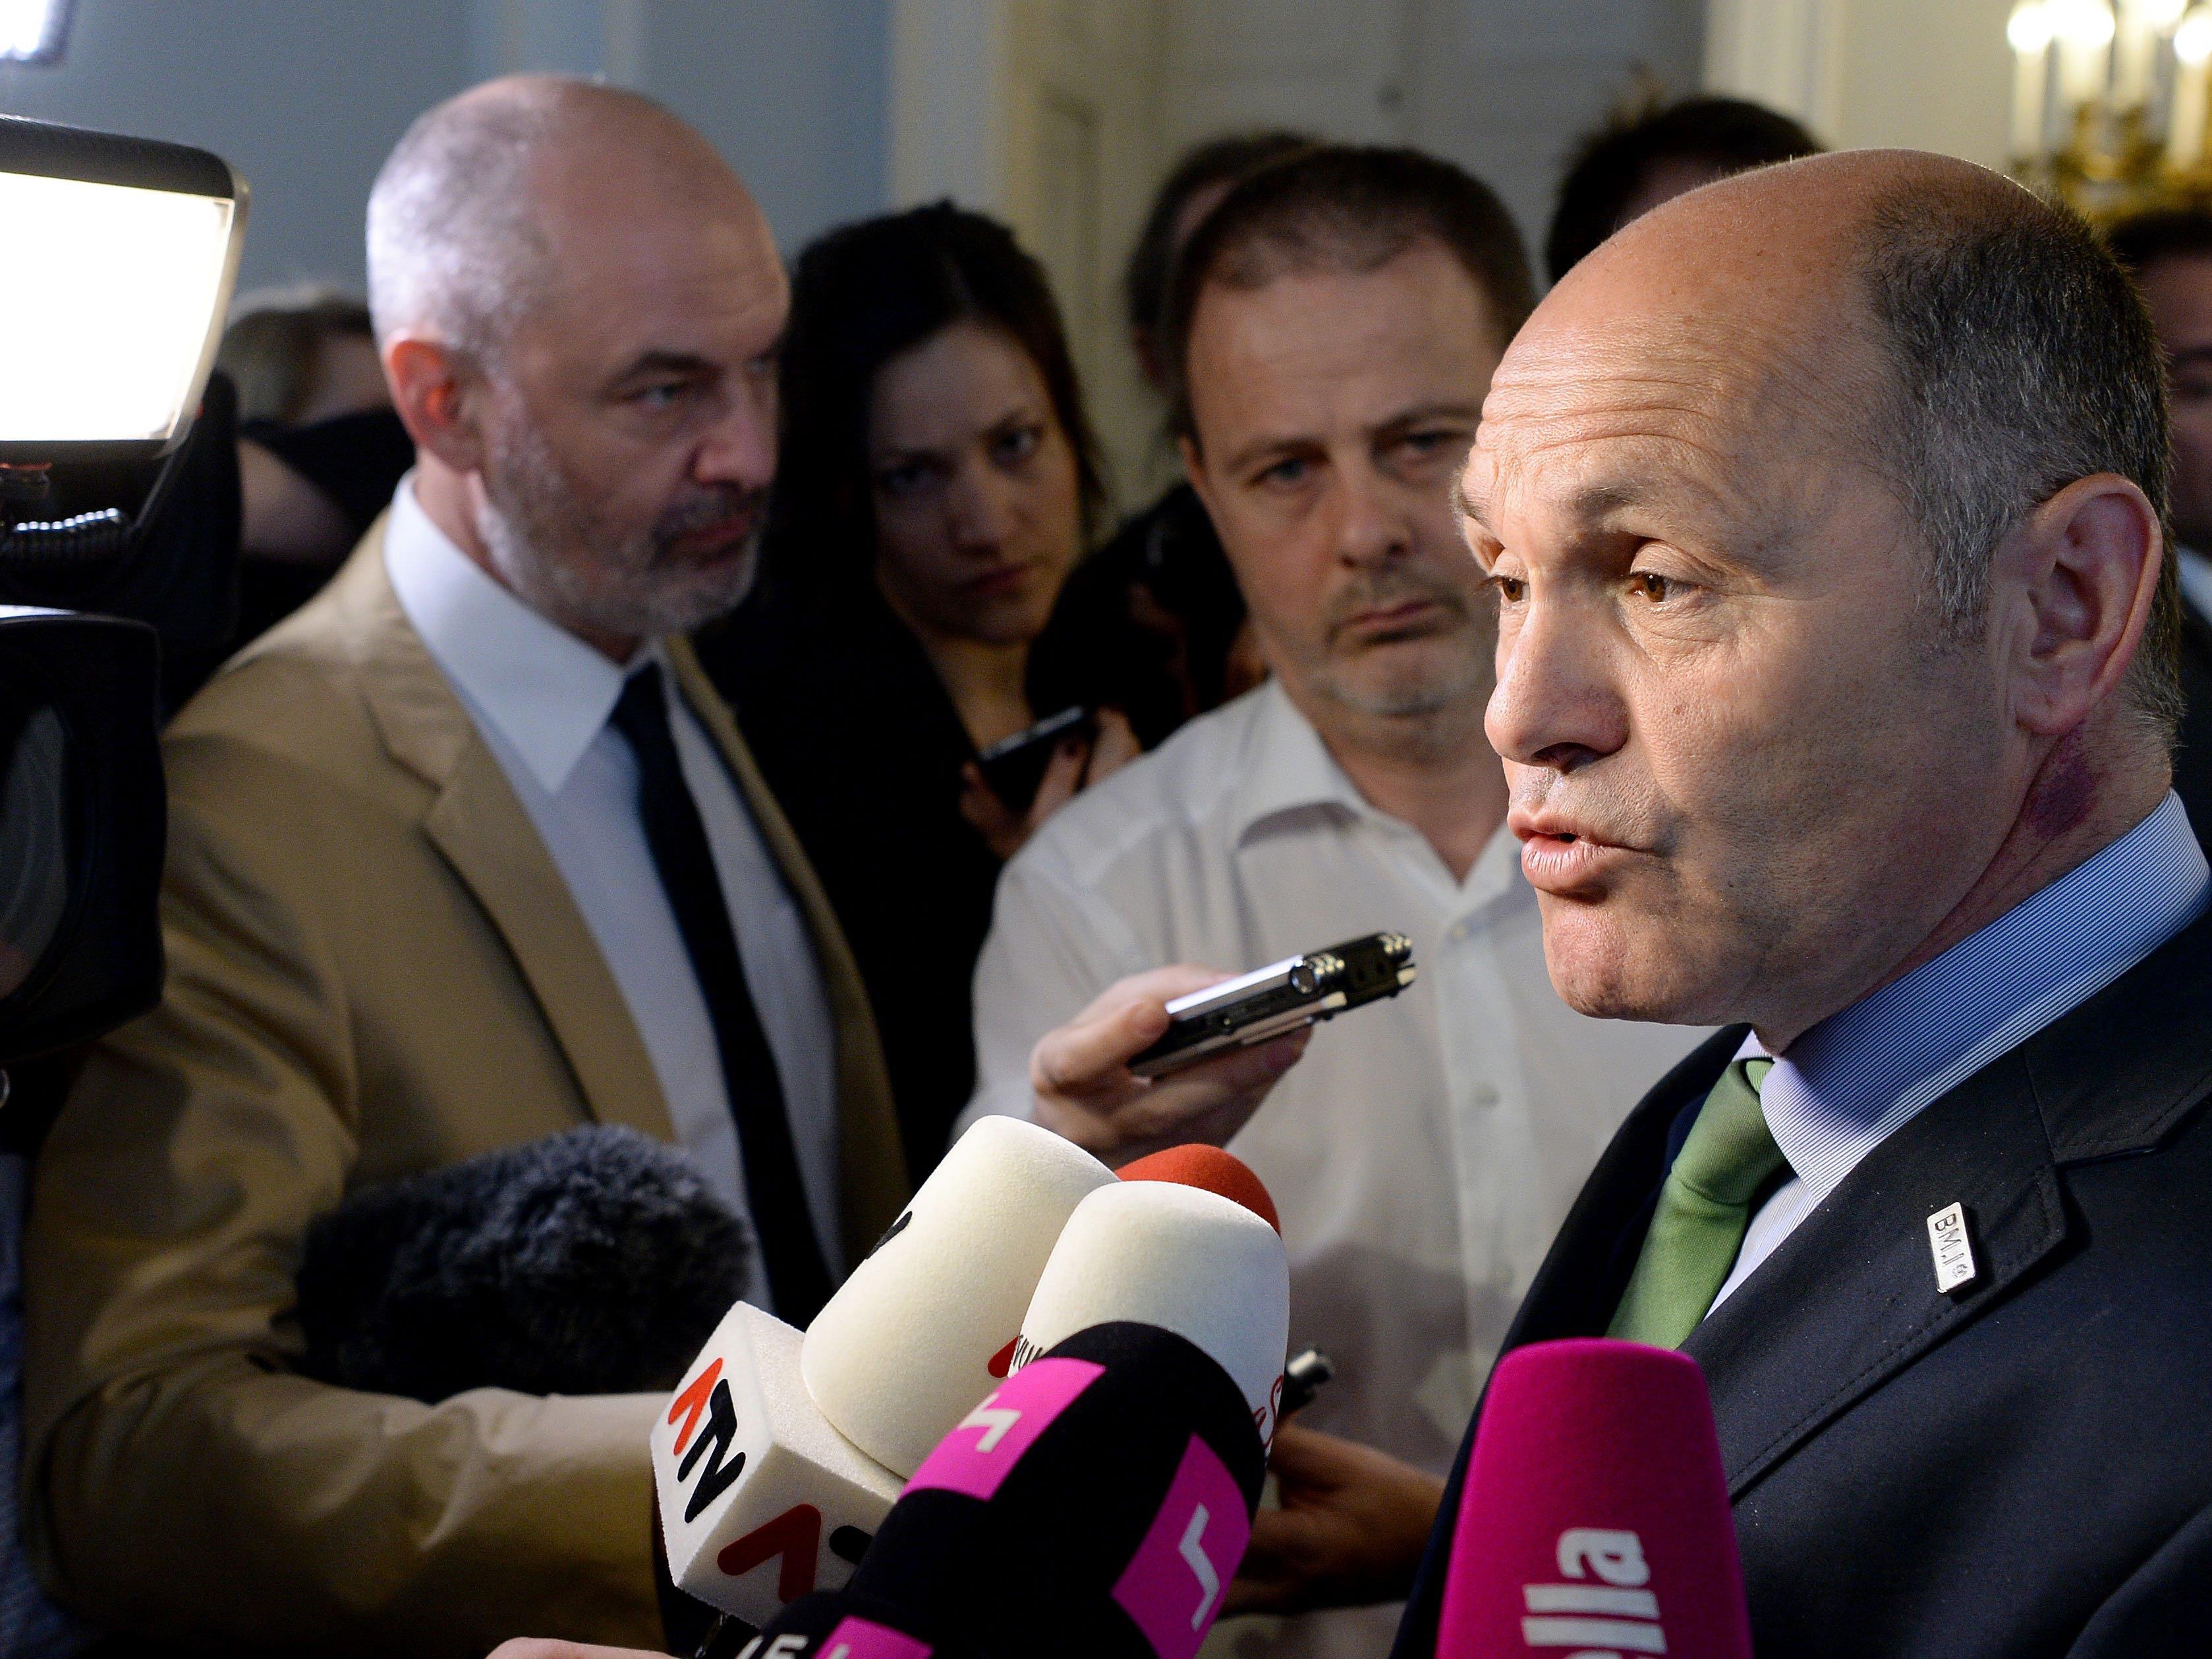 Sobotka möchte eine Kooperation von Südeuropas Polizei gegen die Schlepperkriminalität.